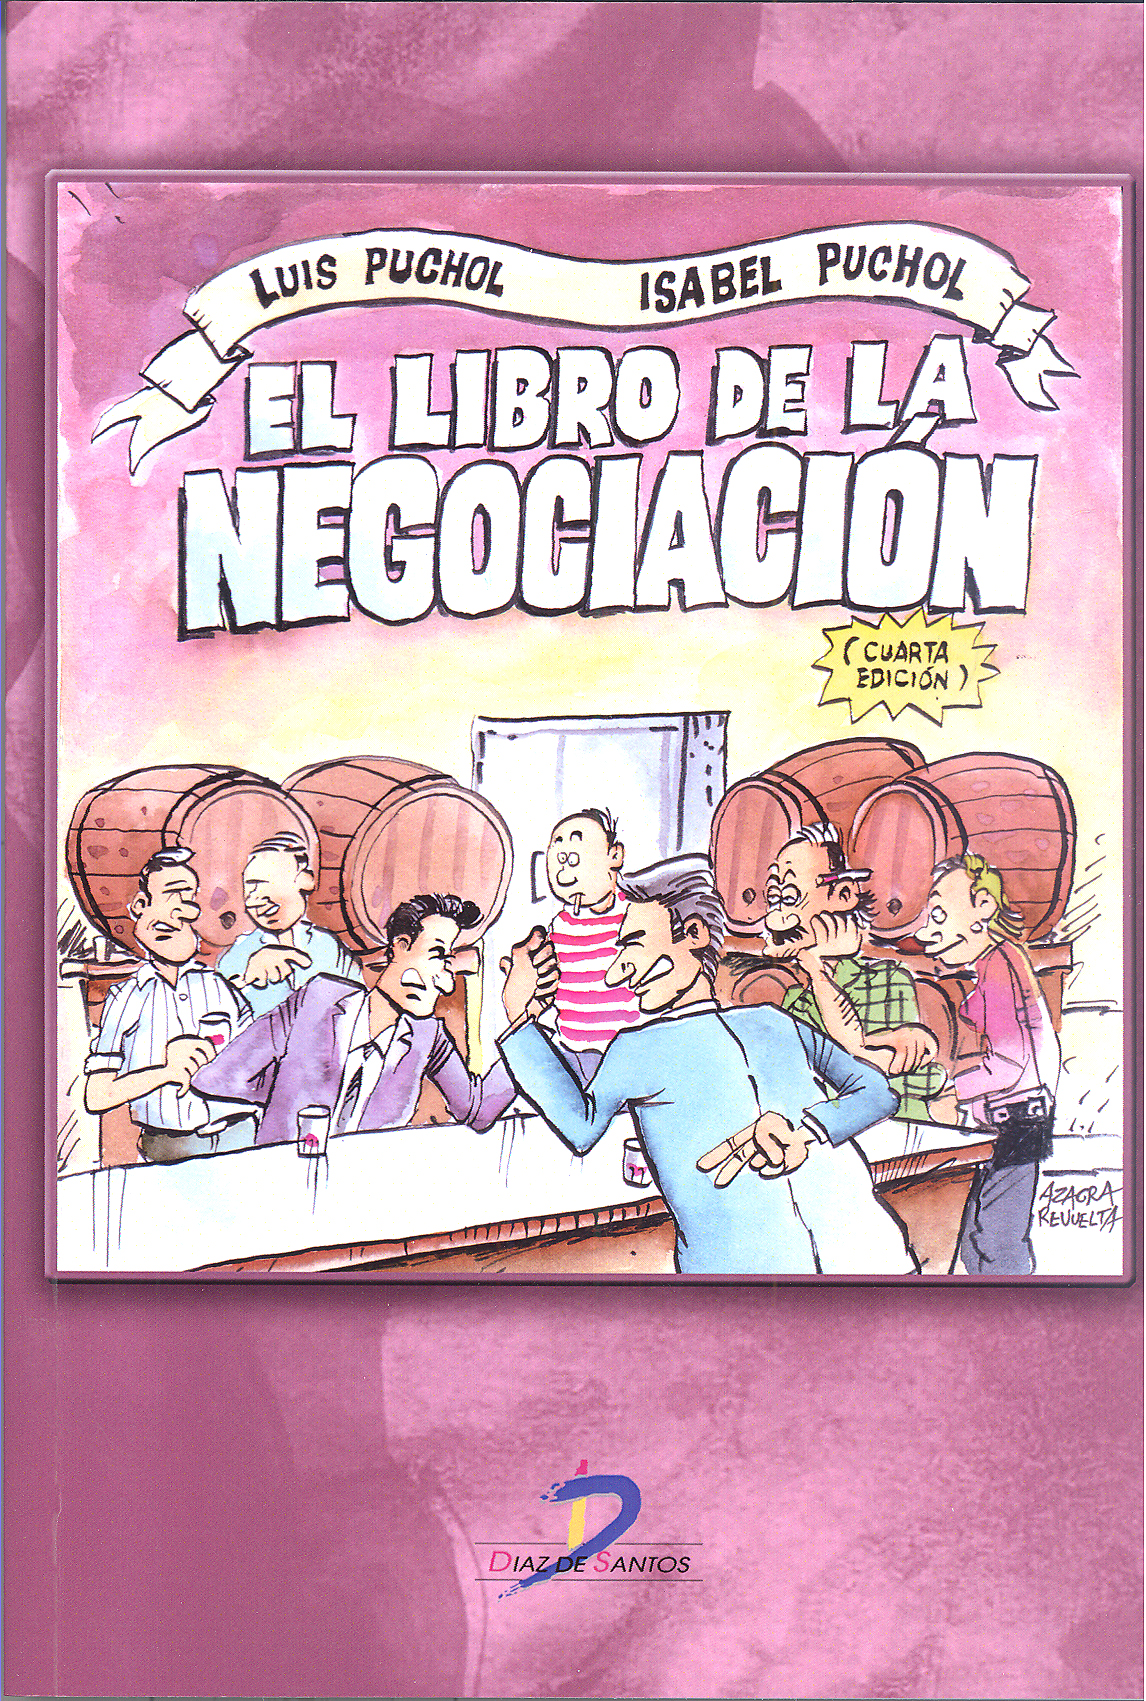 El libro de la negociacion